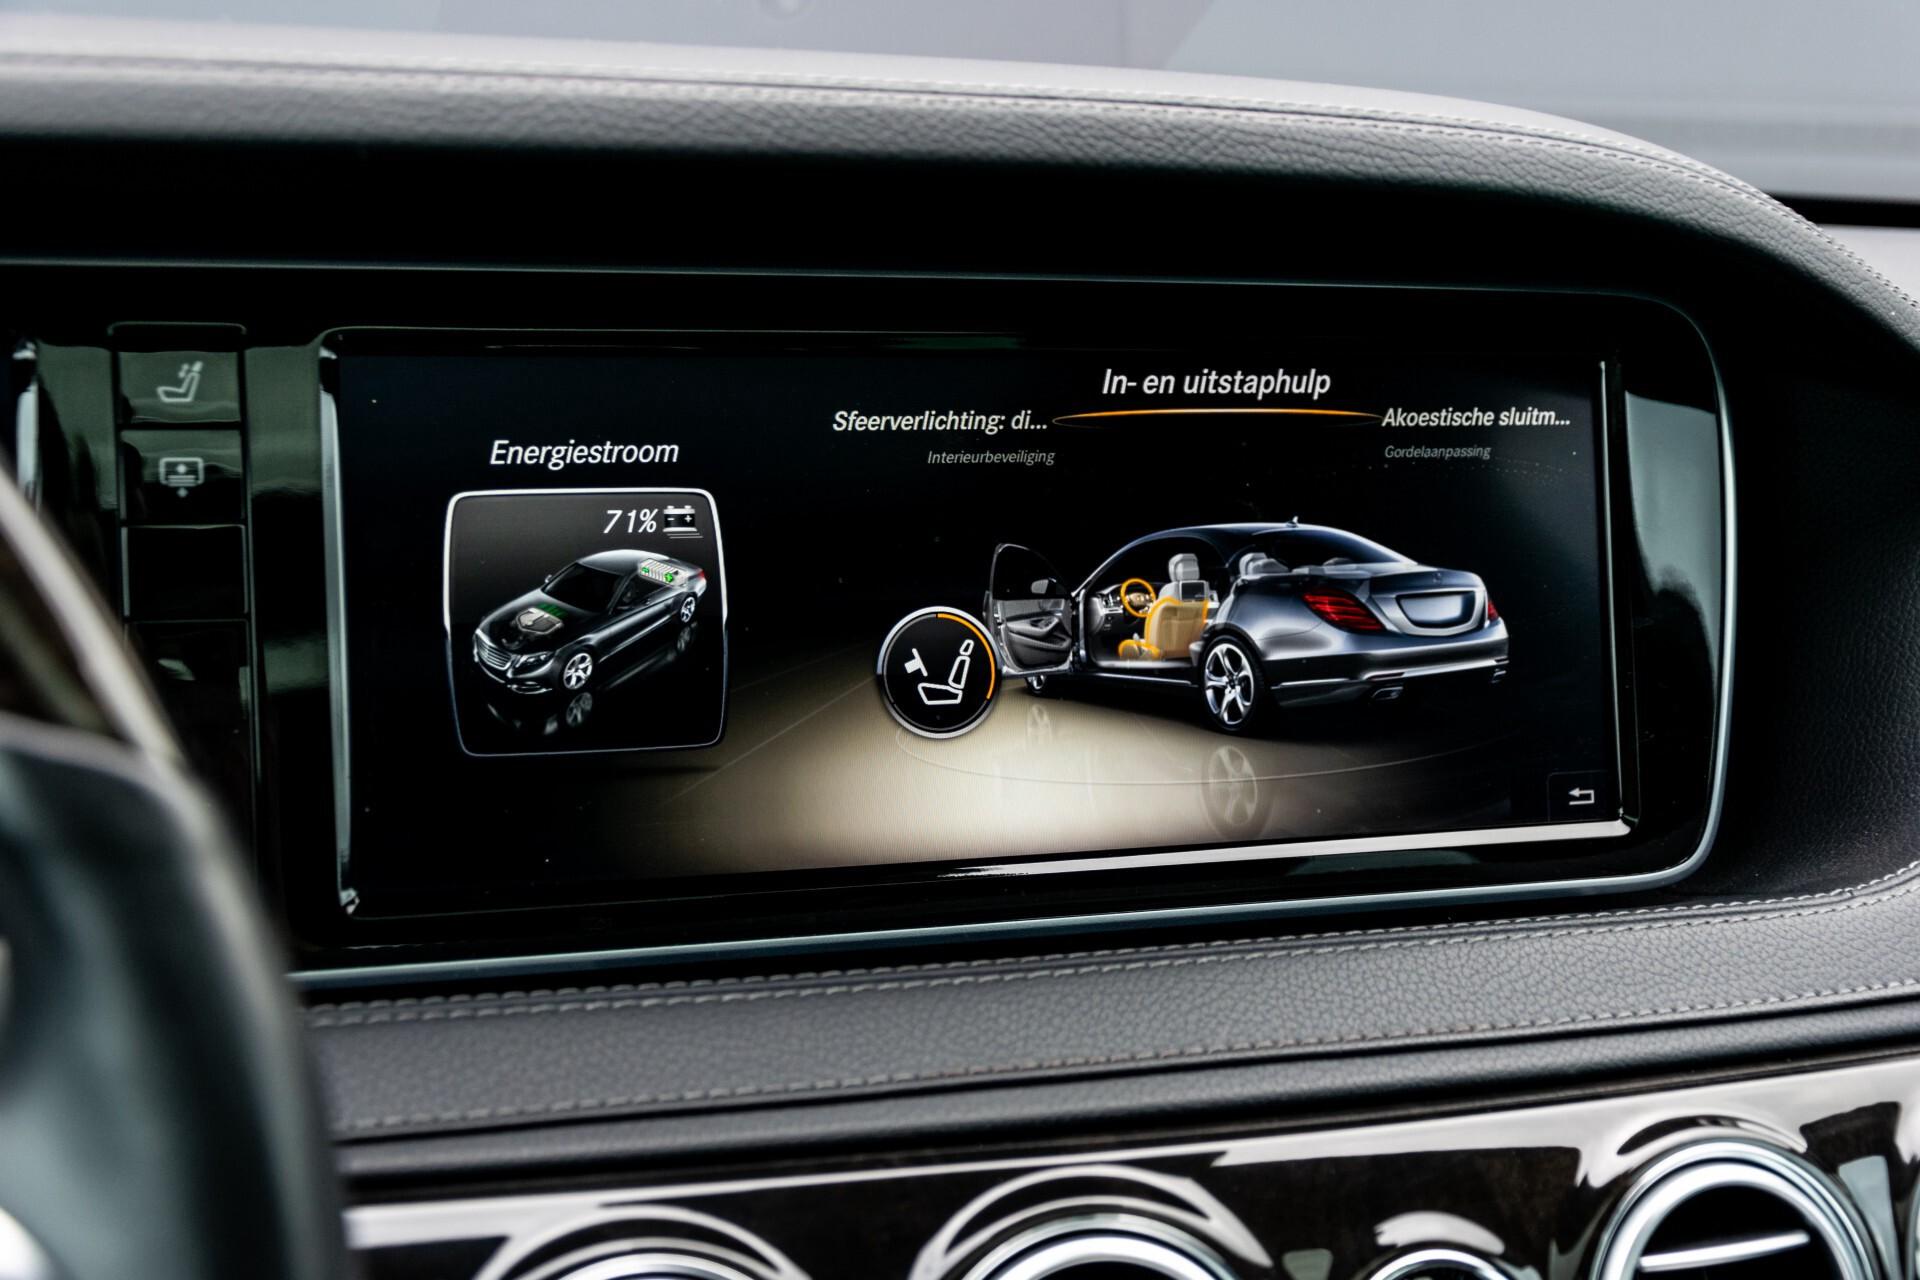 Mercedes-Benz S-Klasse 400 Hybrid AMG Entertainment/Rij-assistentie/Panorama Aut7 Foto 40